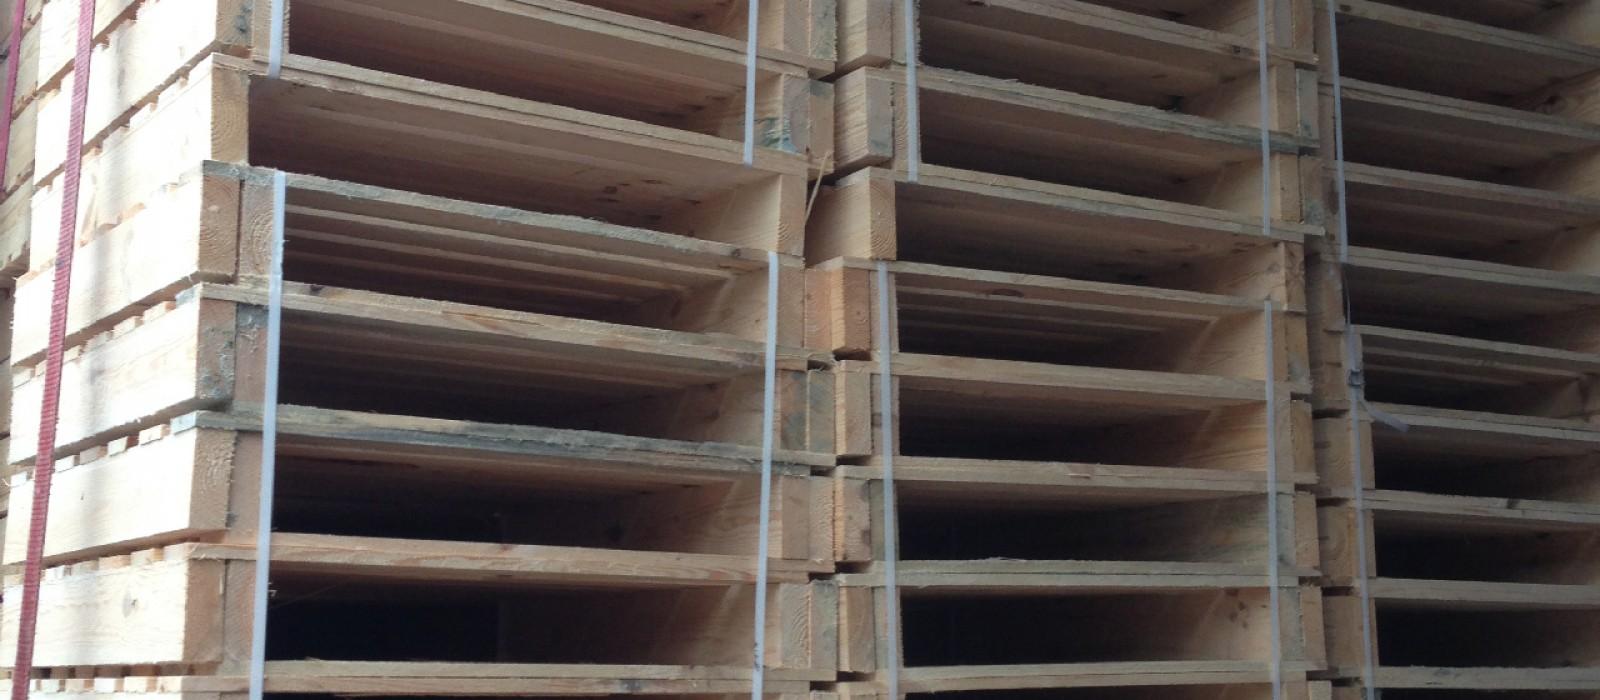 Holzpaletten-bei-der-Auslieferung-zum-Kunden